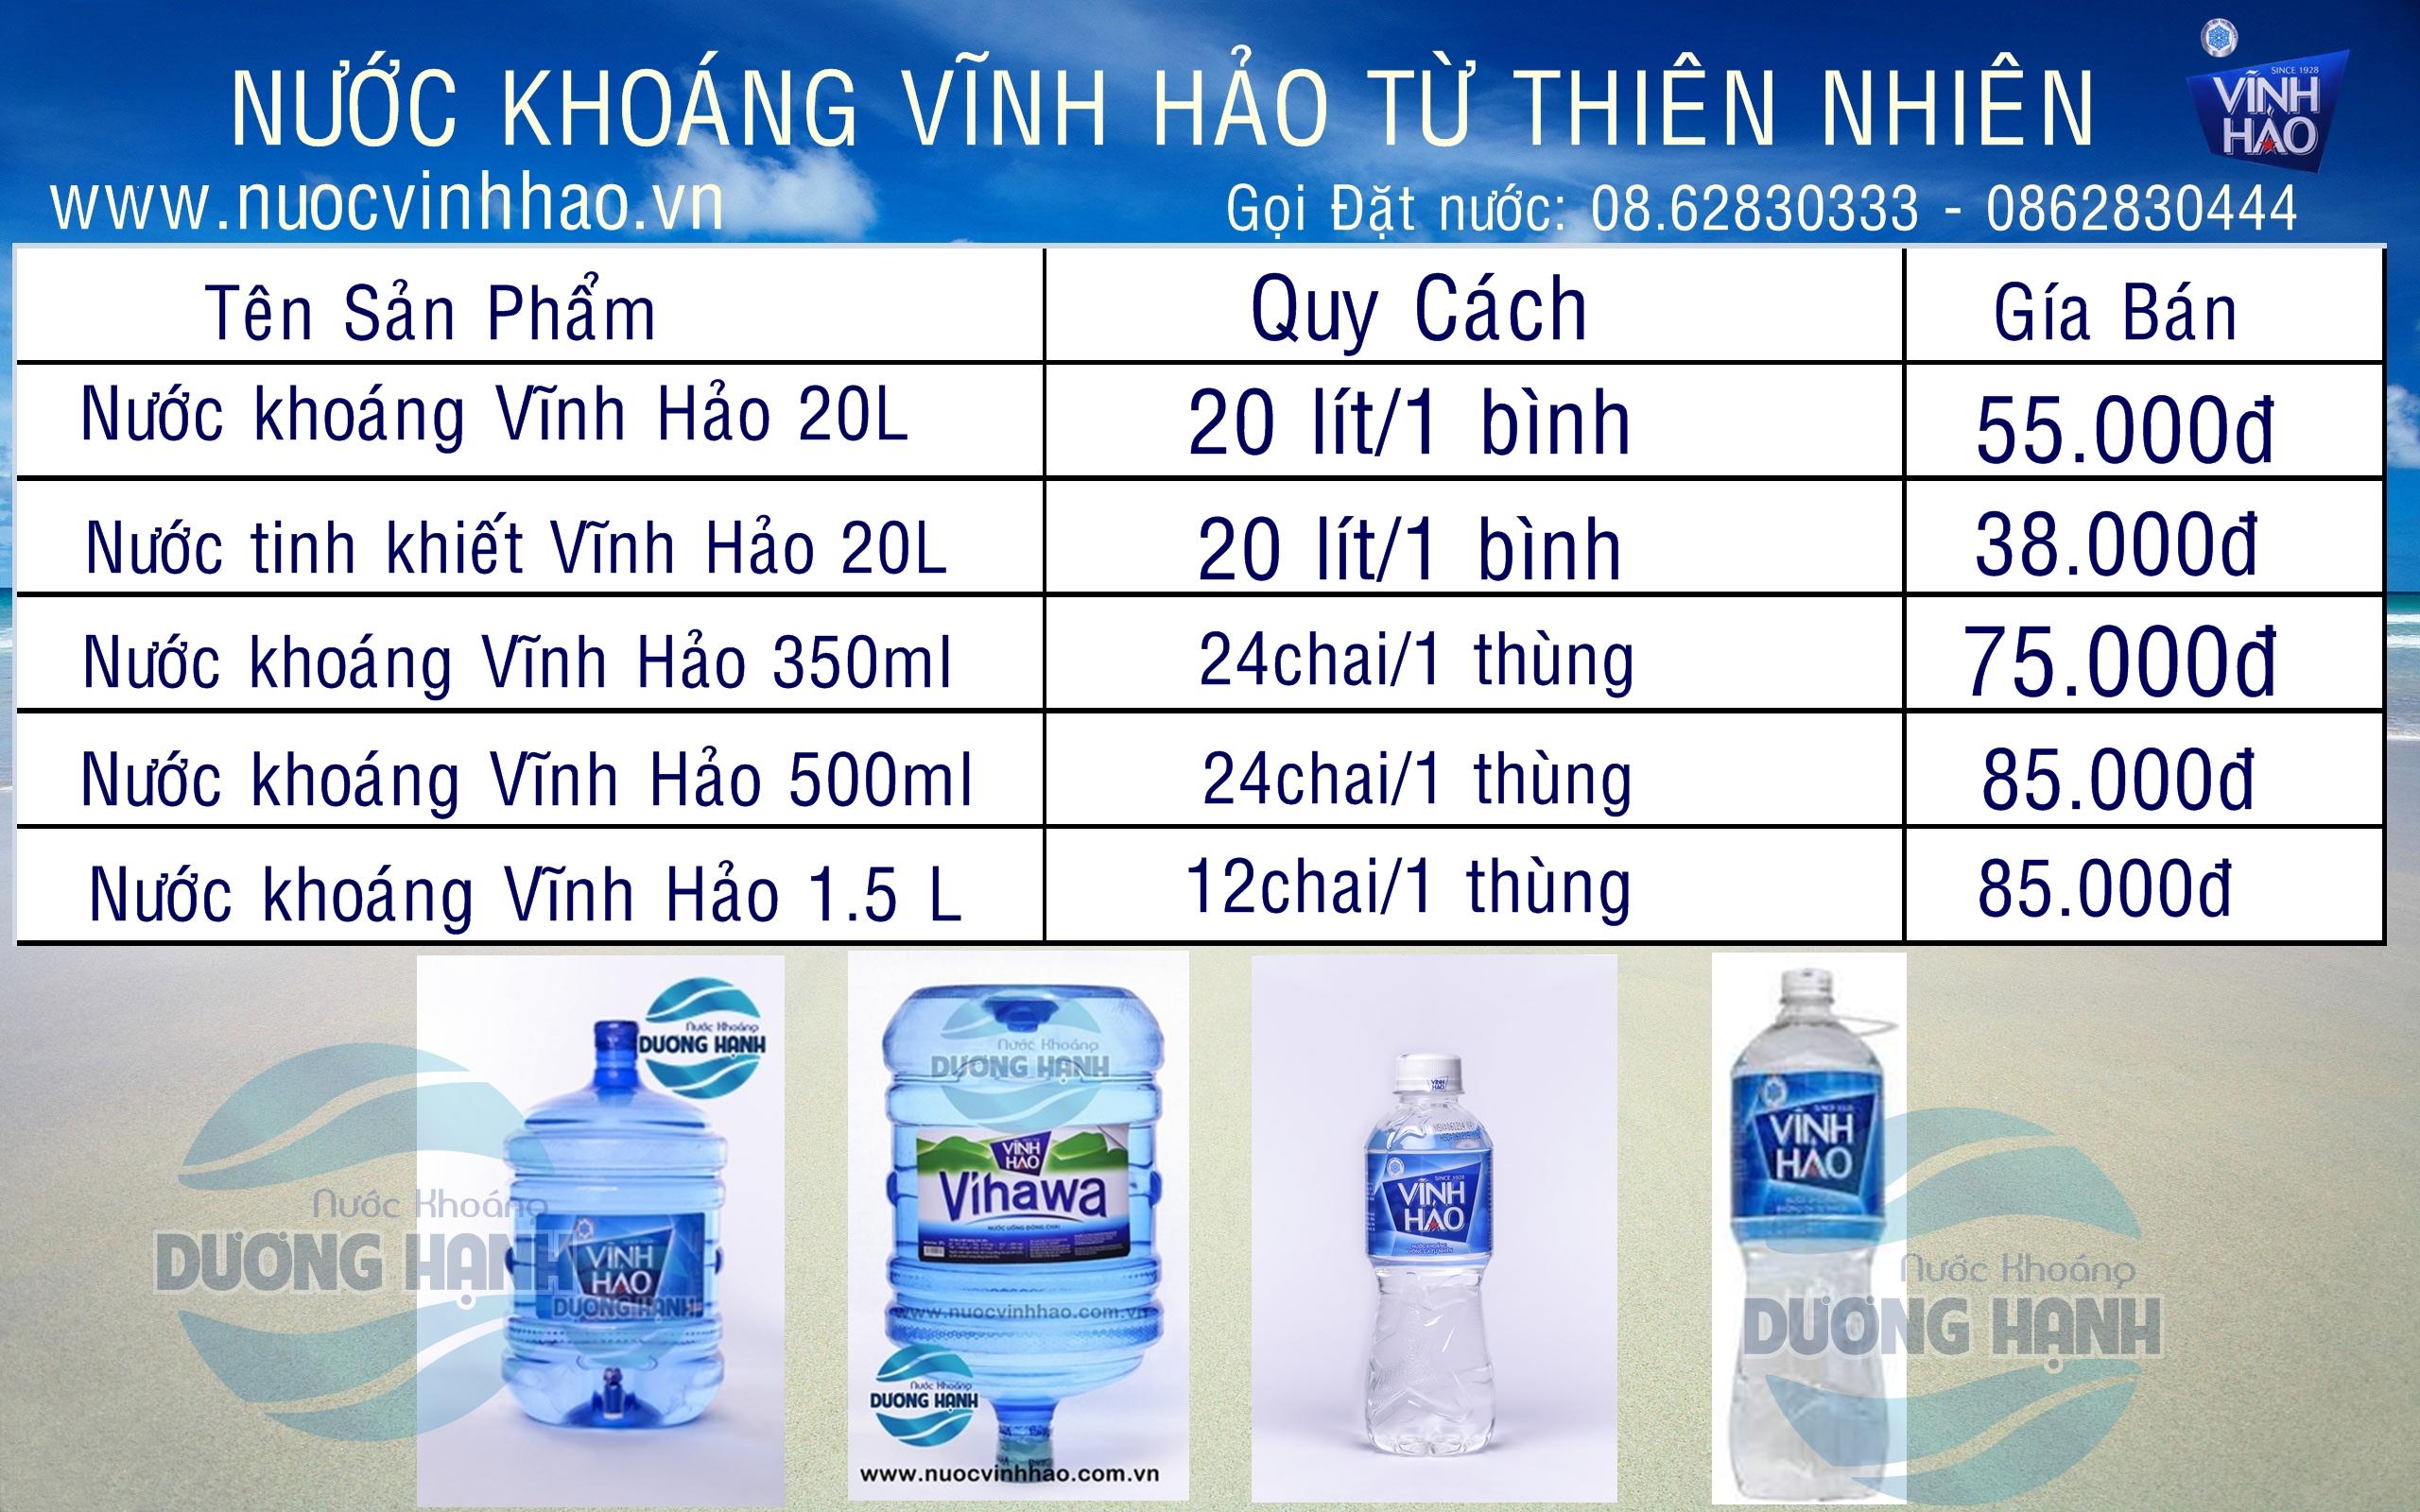 Thông tin liên quan bạn xem tại : Đại lýnước khoáng vĩnh hảo tại tphcm– nước su